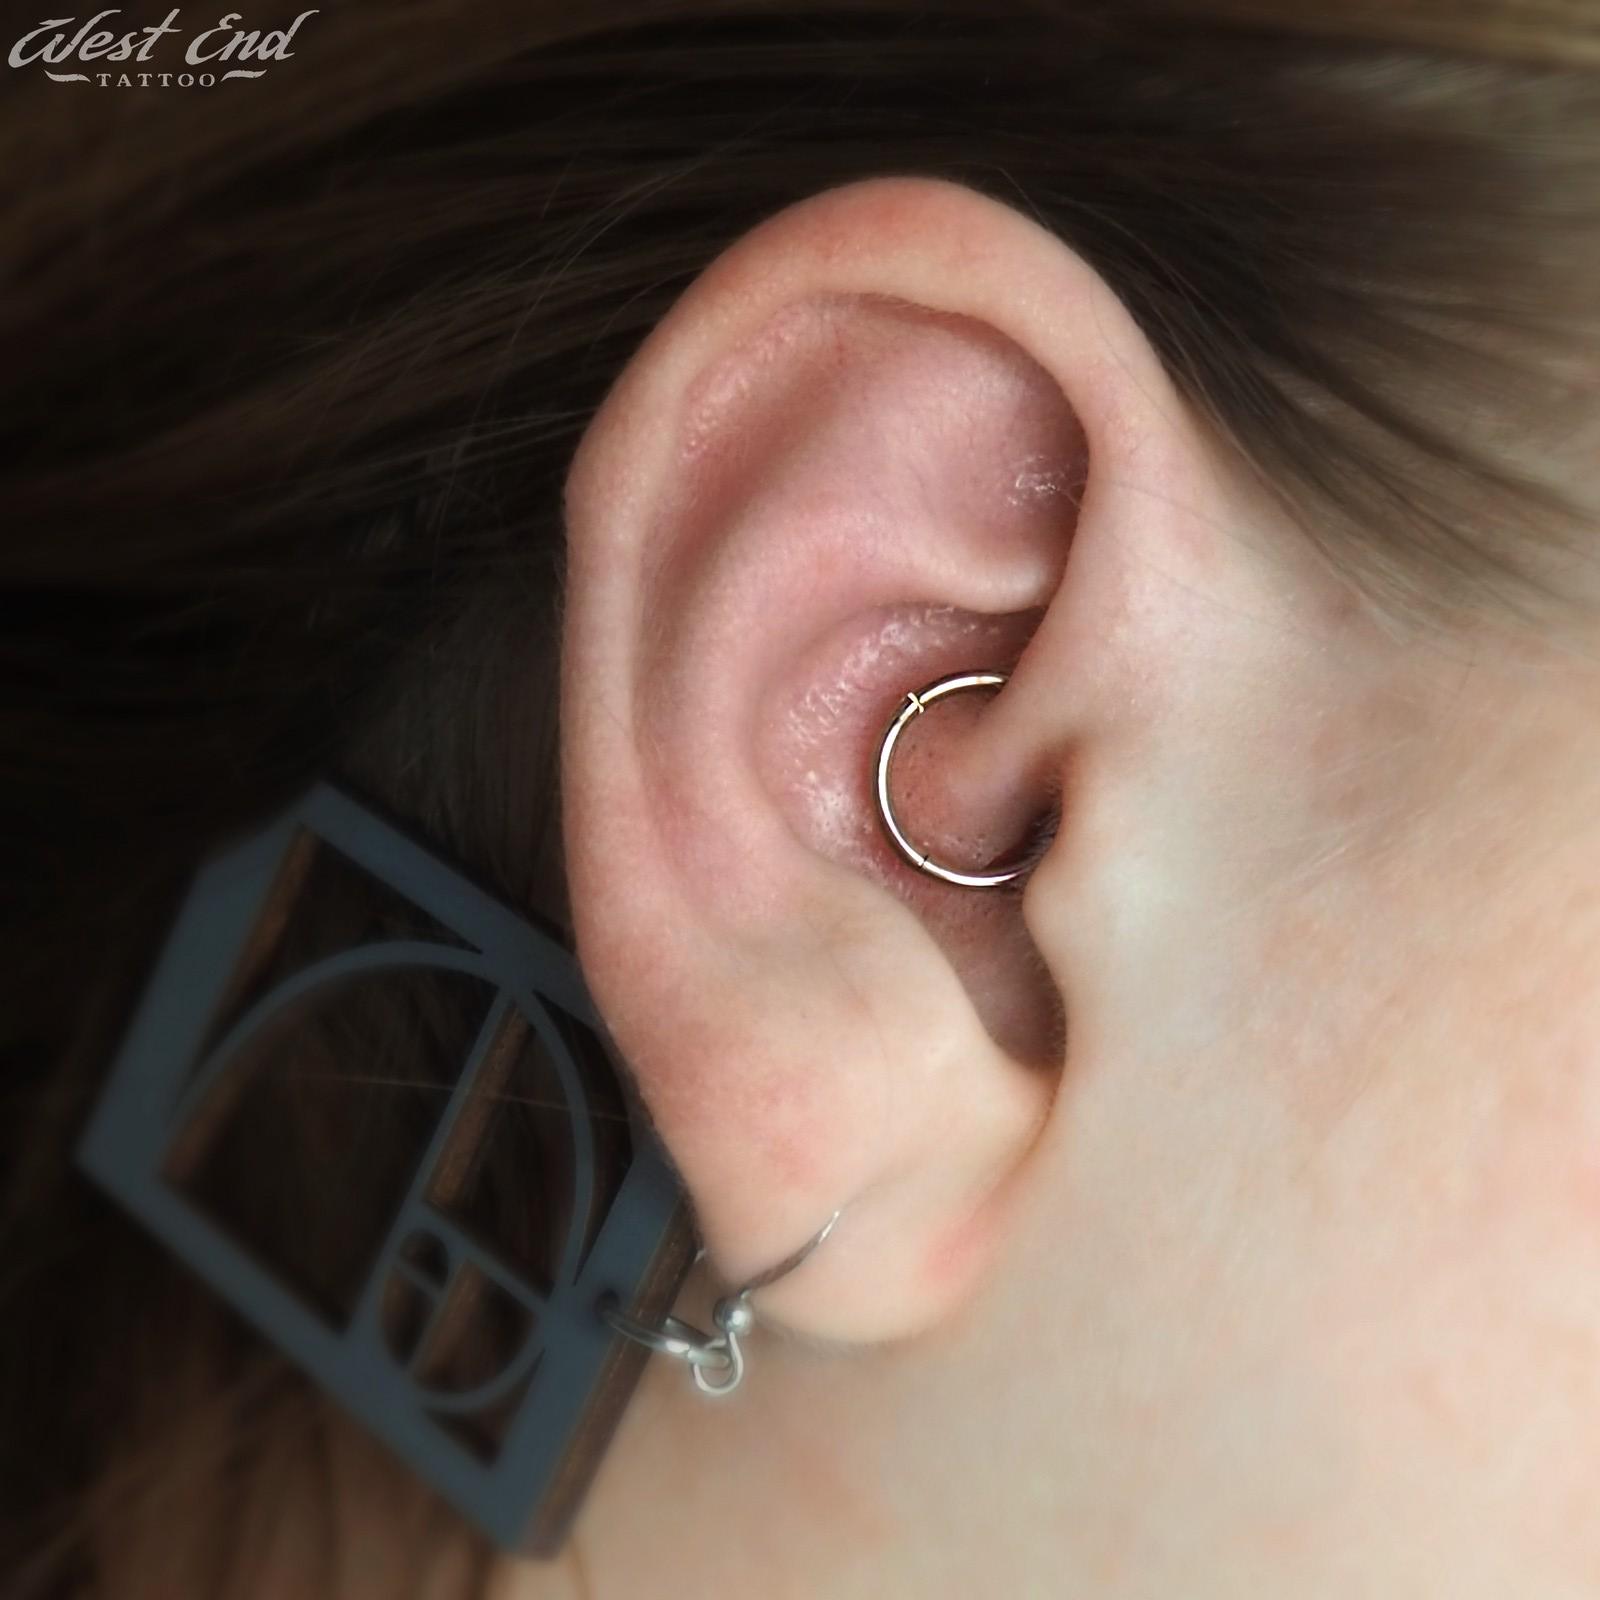 Пирсинг хряща уха кольцом